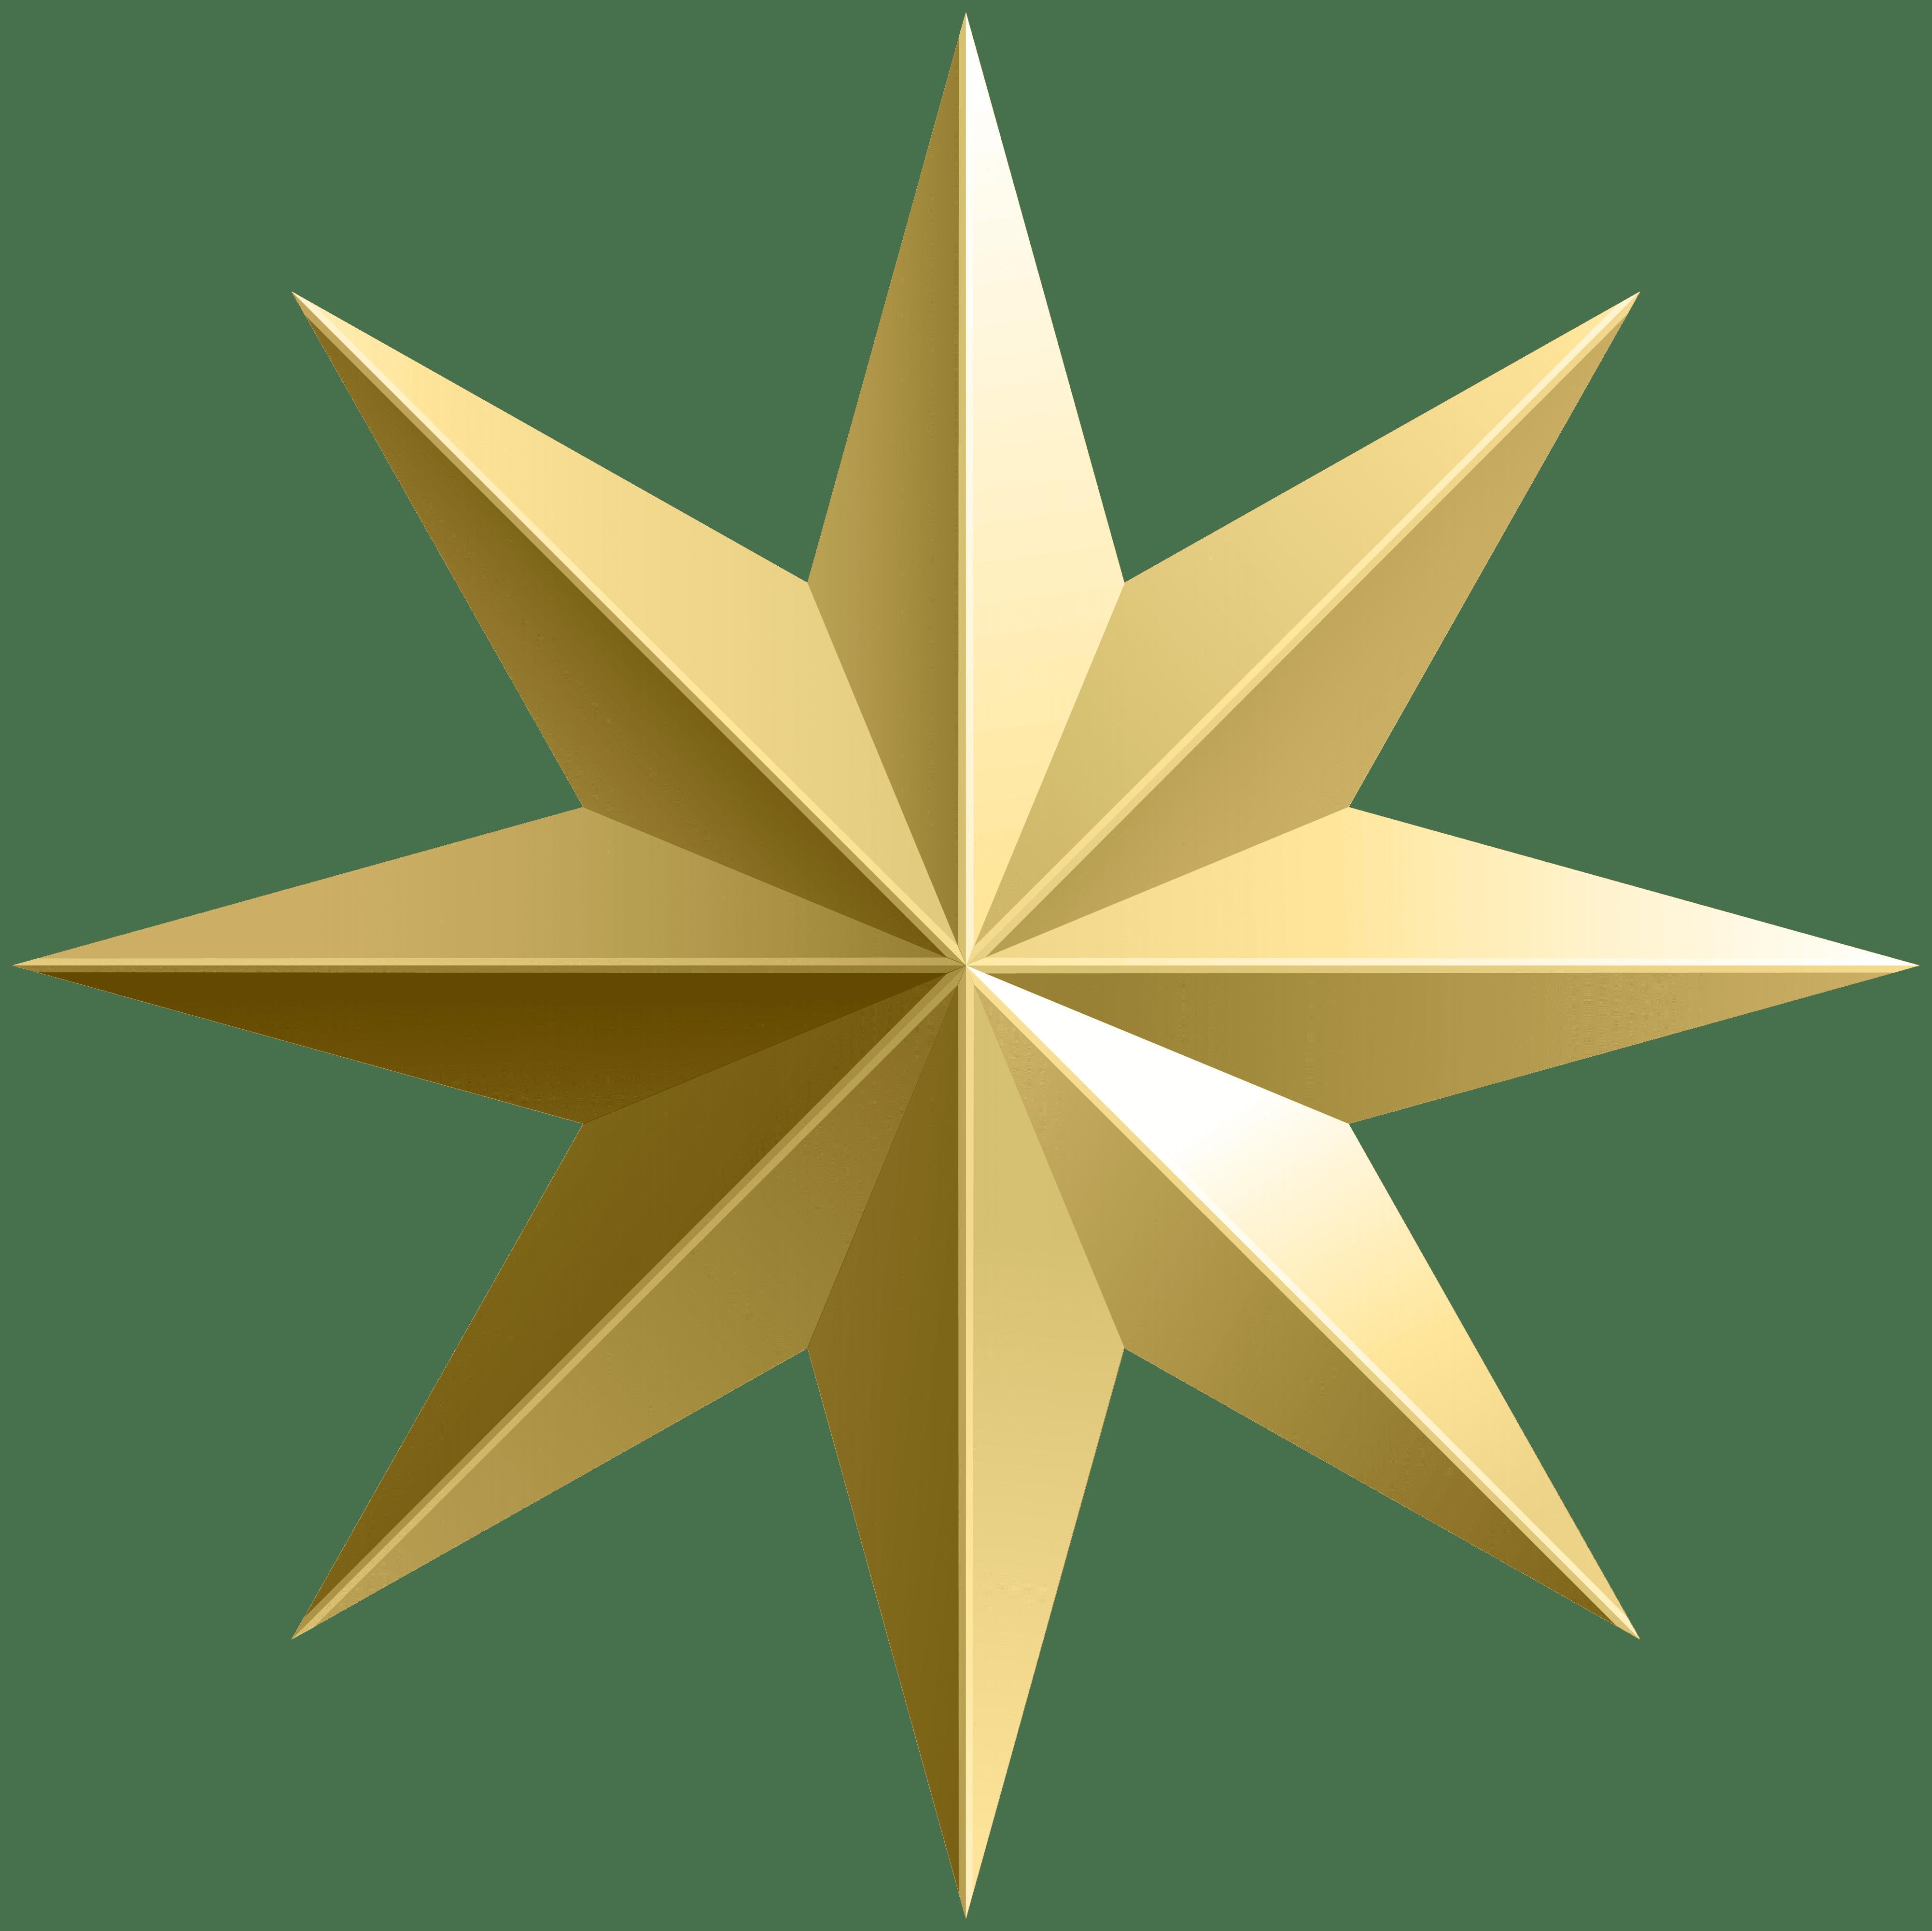 Gold Star Transparent PNG Image